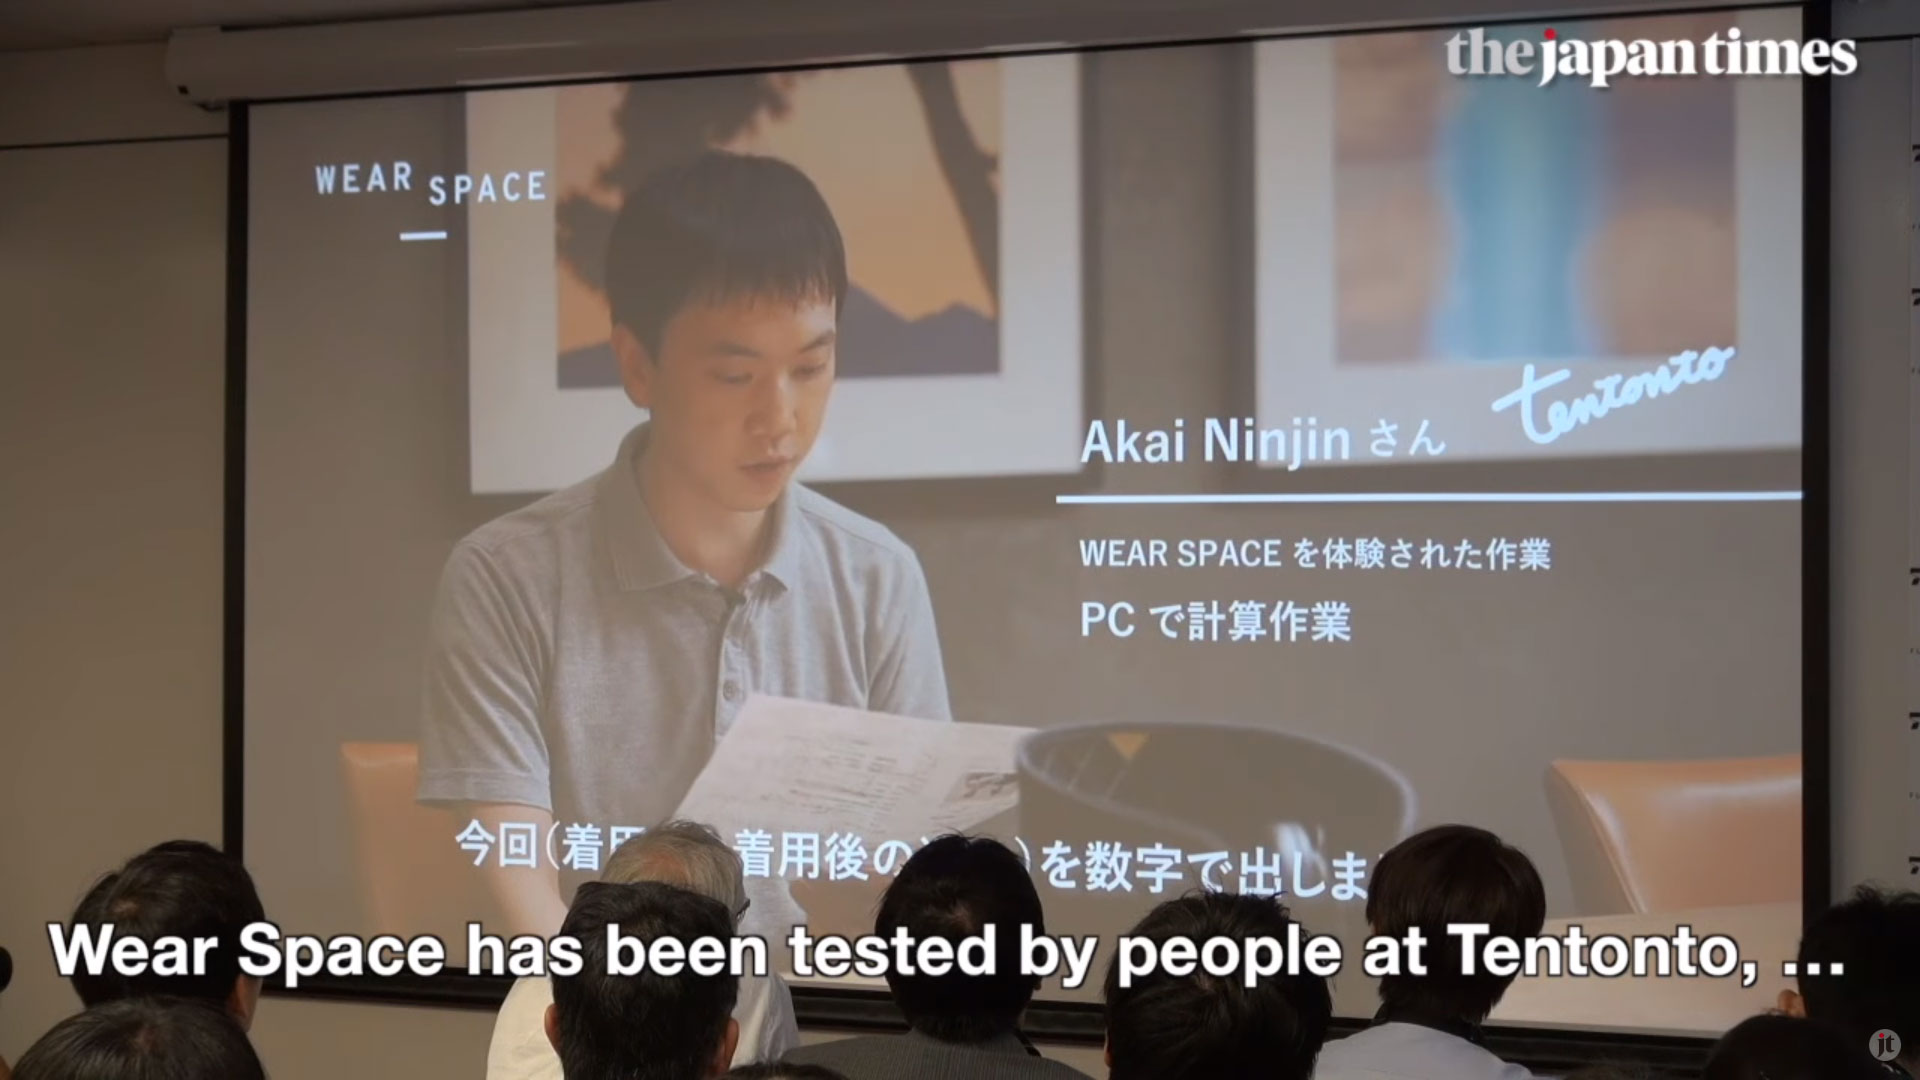 TheJapanTimesWearSpaceTentonto2